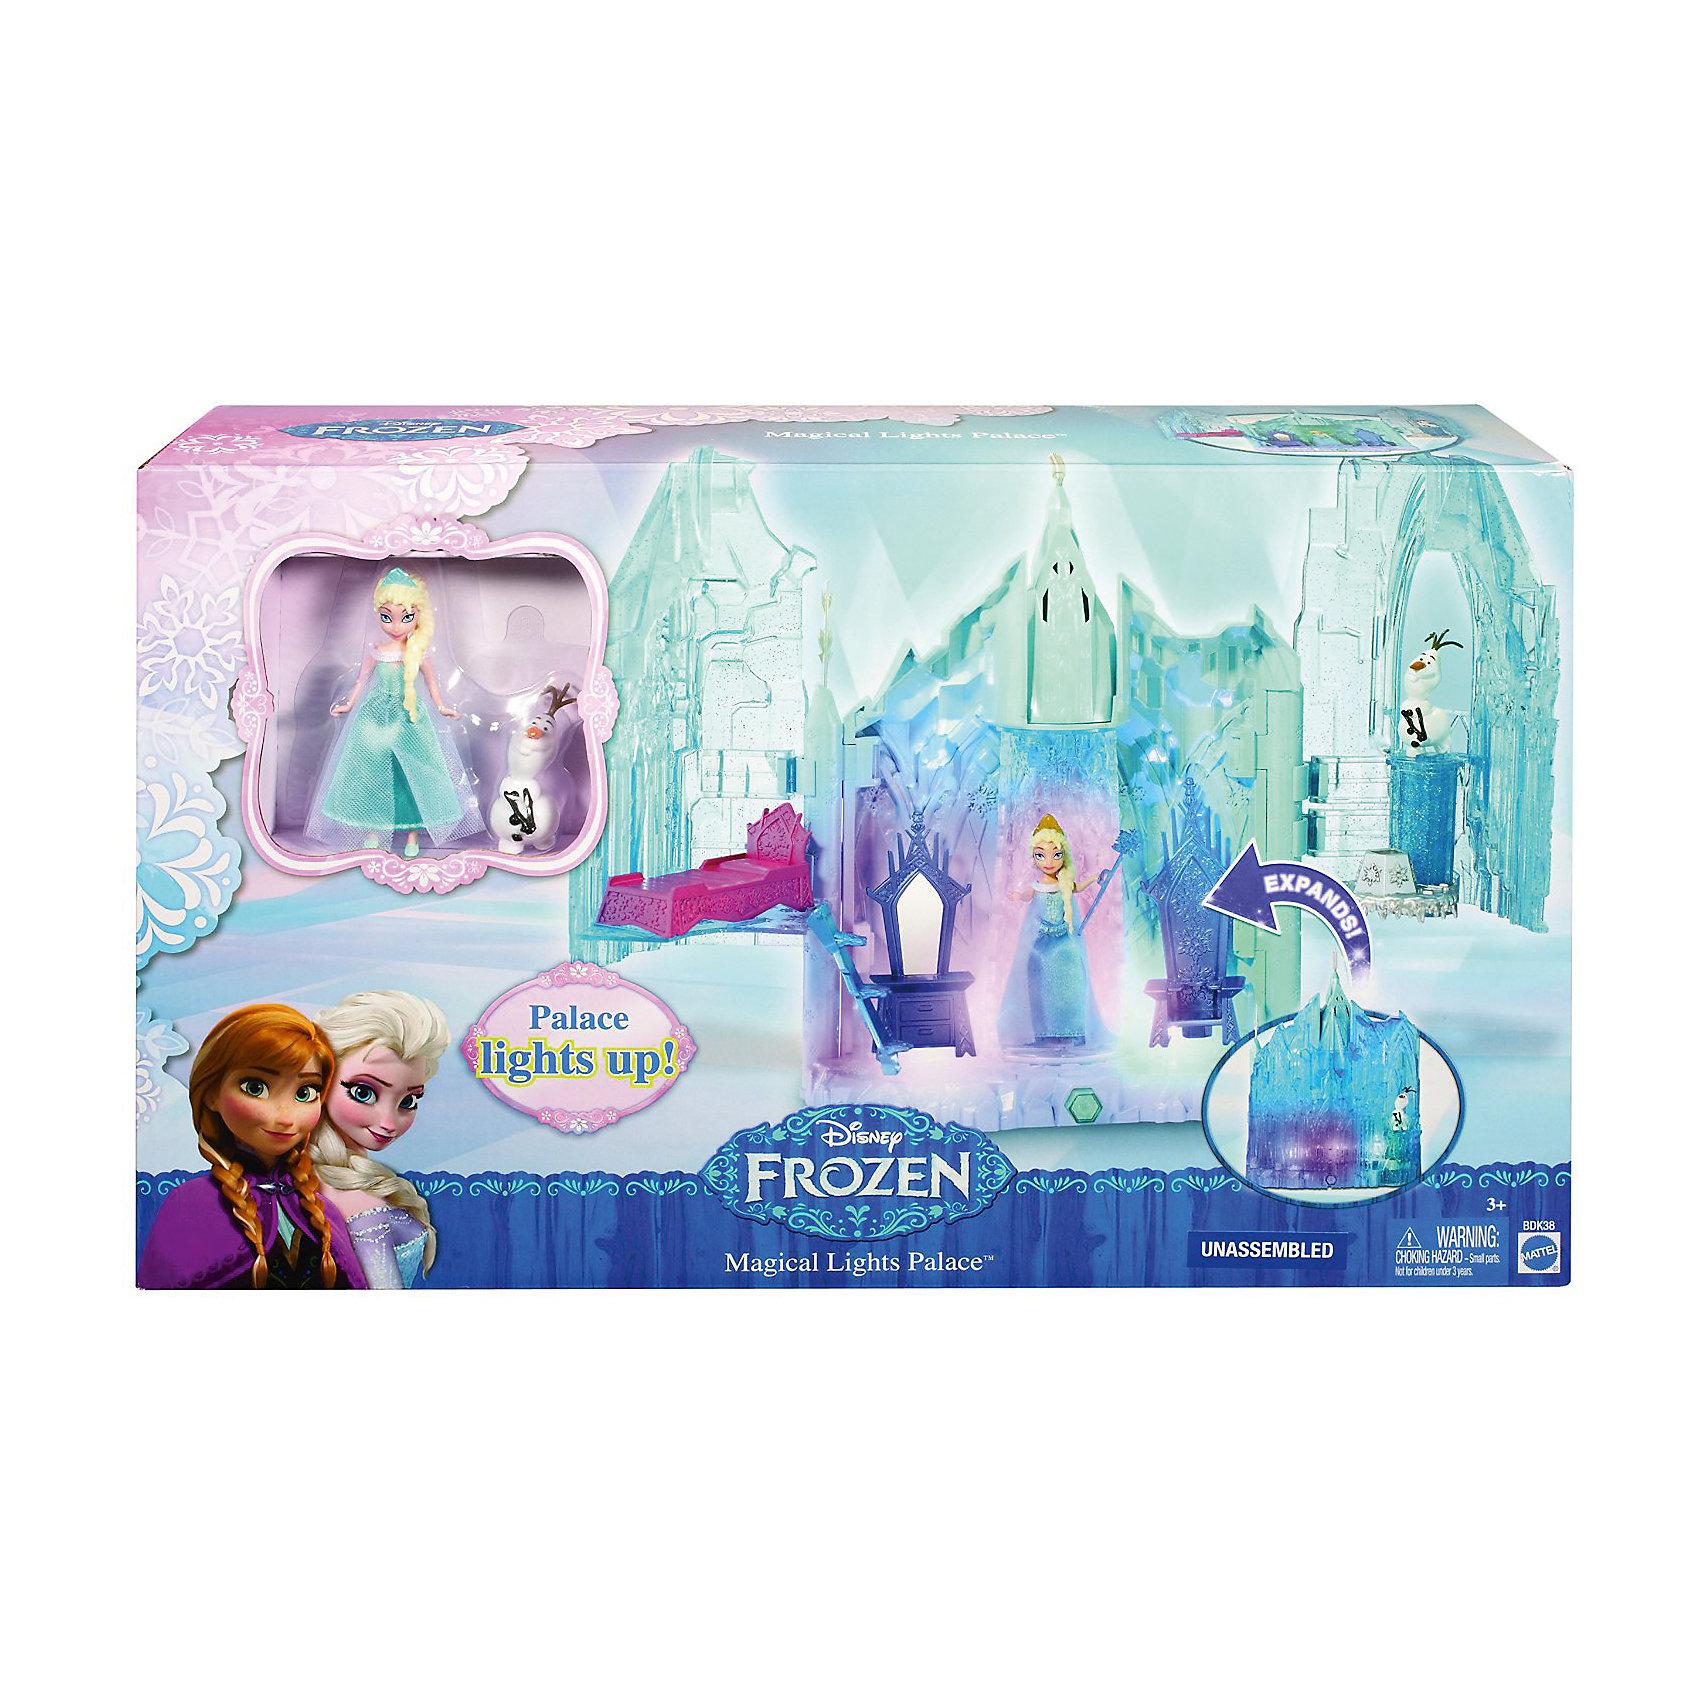 Кукла Эльза Холодное сердце, с замком и аксессуарами, Принцессы ДиснейВолшебный замок Эльзы поражает своей красотой! В нем есть лифт, тронный зал и маленькая потайная комната. Скорее присоединяйся к Эльзе и Олафу и соверши путешествие по их необыкновенному волшебному жилищу! Нажми на заветную кнопку и замок засияет невероятно красивыми огнями. <br>Замок можно сложить, с таком виде он занимает мало места, его удобно хранить и брать с собой куда угодно. Игрушка выполнена из высококачественного экологичного пластика. Фигурки Эльзы и Олафа прекрасно детализированы и очень похожи на героев мультфильма. <br><br>Дополнительная информация:<br><br>- Материал: пластик.<br>- Размер замка: 28х40.<br>- Высота фигурки Эльзы: 9 см.<br>- высота фигурки Олафа: 5 см.<br>- Комплектация: Эльза, Олаф, замок, аксессуары. <br>- Элемент питания: 3 ААА батарейки (не входят в комплект).<br><br>Куклу Эльзу Холодное сердце, с замком и аксессуарами, Принцессы Дисней (Disney princess) можно купить в нашем магазине.<br><br>Ширина мм: 270<br>Глубина мм: 108<br>Высота мм: 457<br>Вес г: 909<br>Возраст от месяцев: 36<br>Возраст до месяцев: 144<br>Пол: Женский<br>Возраст: Детский<br>SKU: 4228122